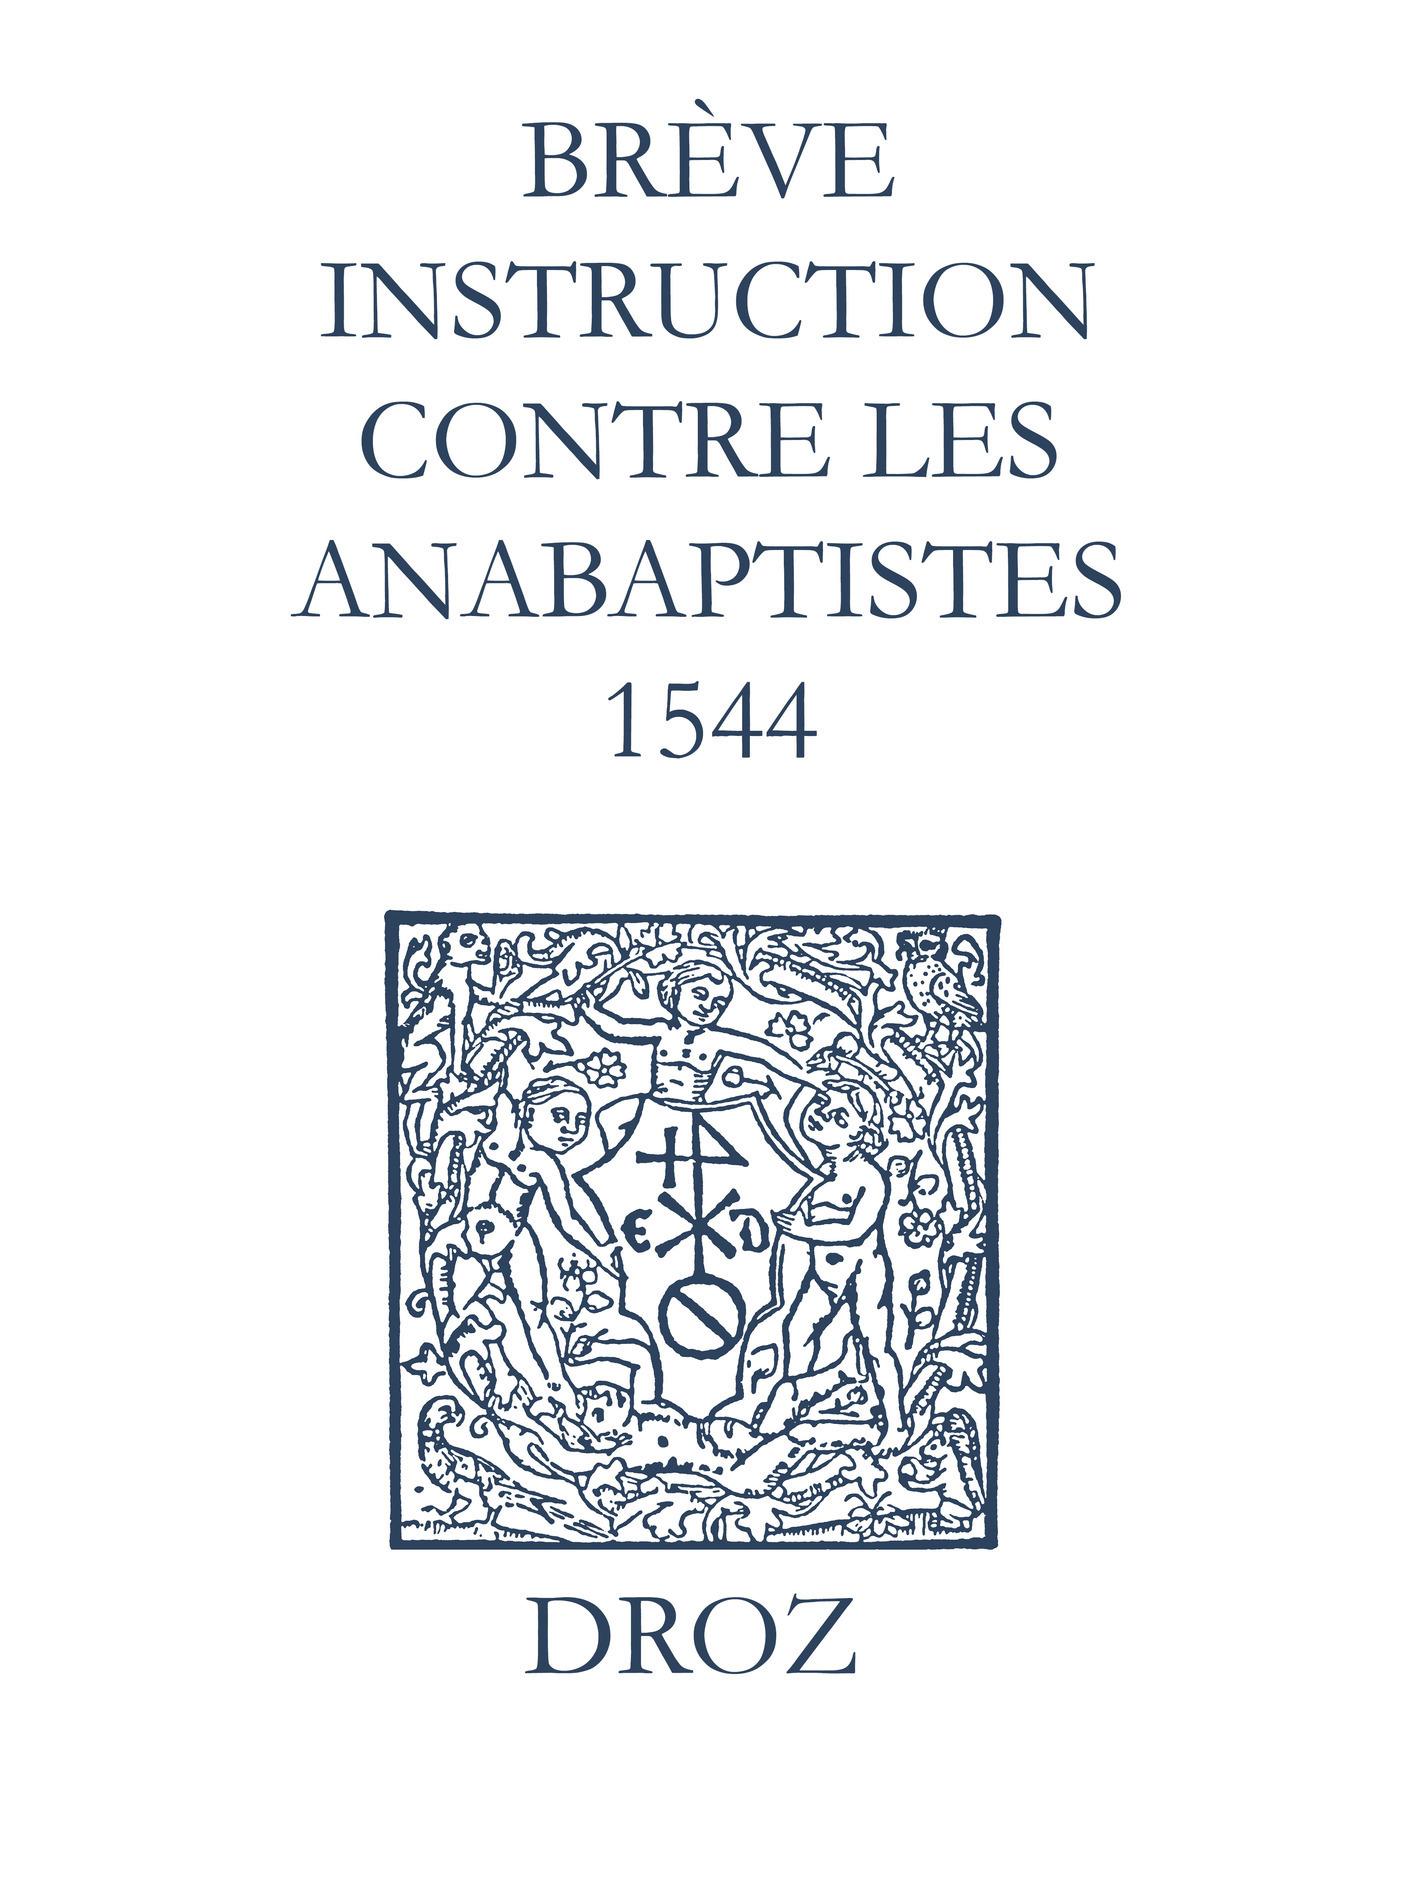 Recueil des opuscules 1566. Brève instruction contre les anabaptistes (1544)  - Laurence Vial-Bergon